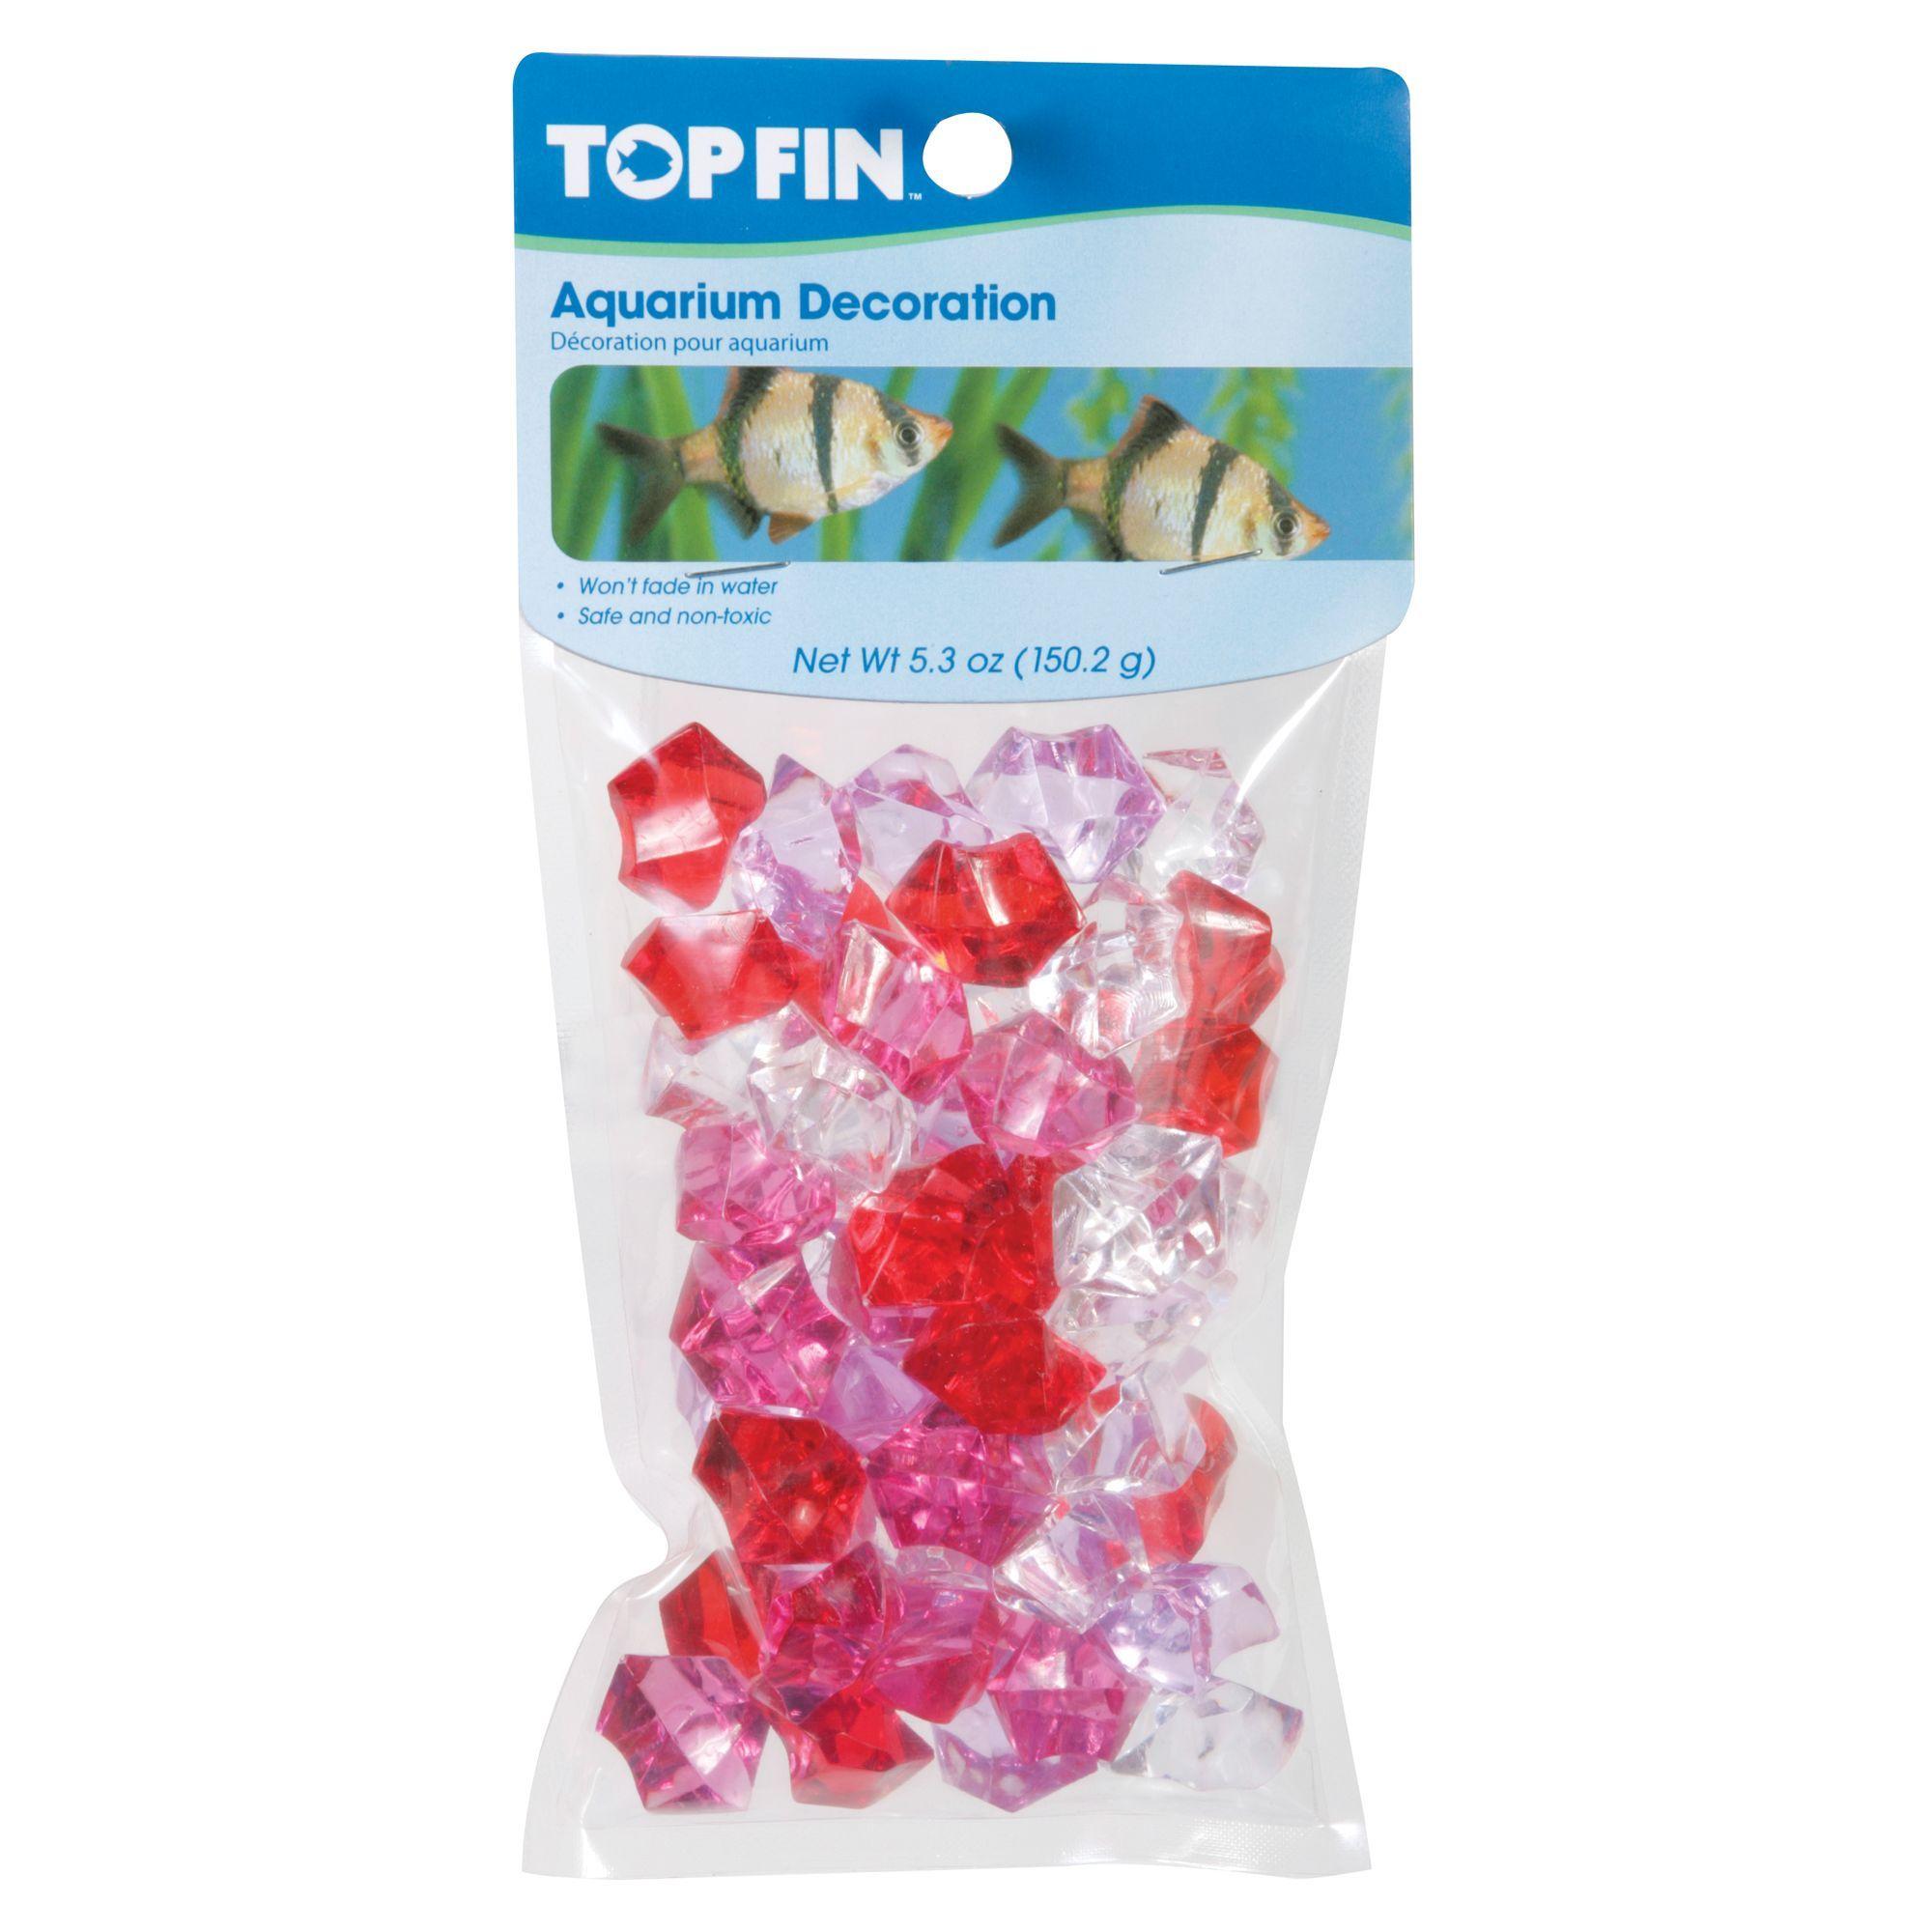 Top Fin Aquarium Decoration, Red Products Aquarium